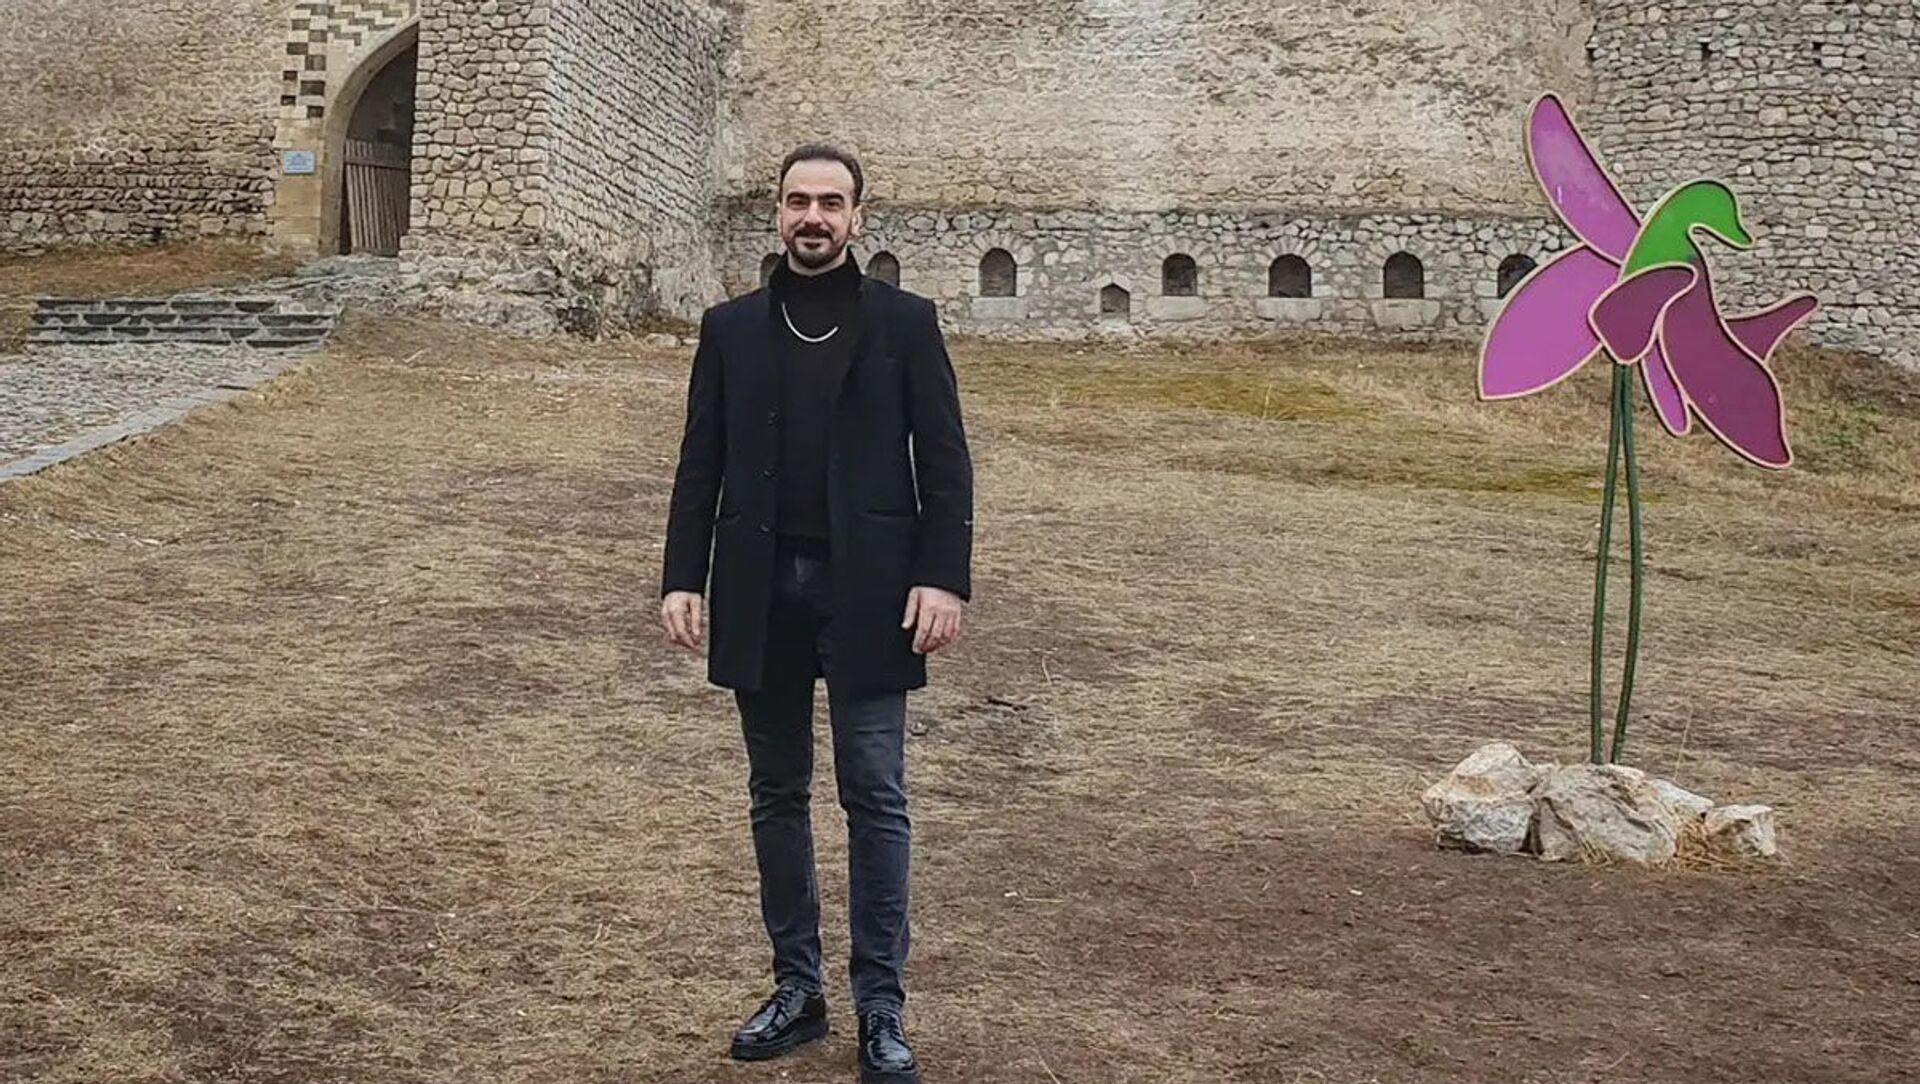 Заслуженный артист Азербайджана, тарист Шахрияр Иманов - Sputnik Азербайджан, 1920, 21.09.2021